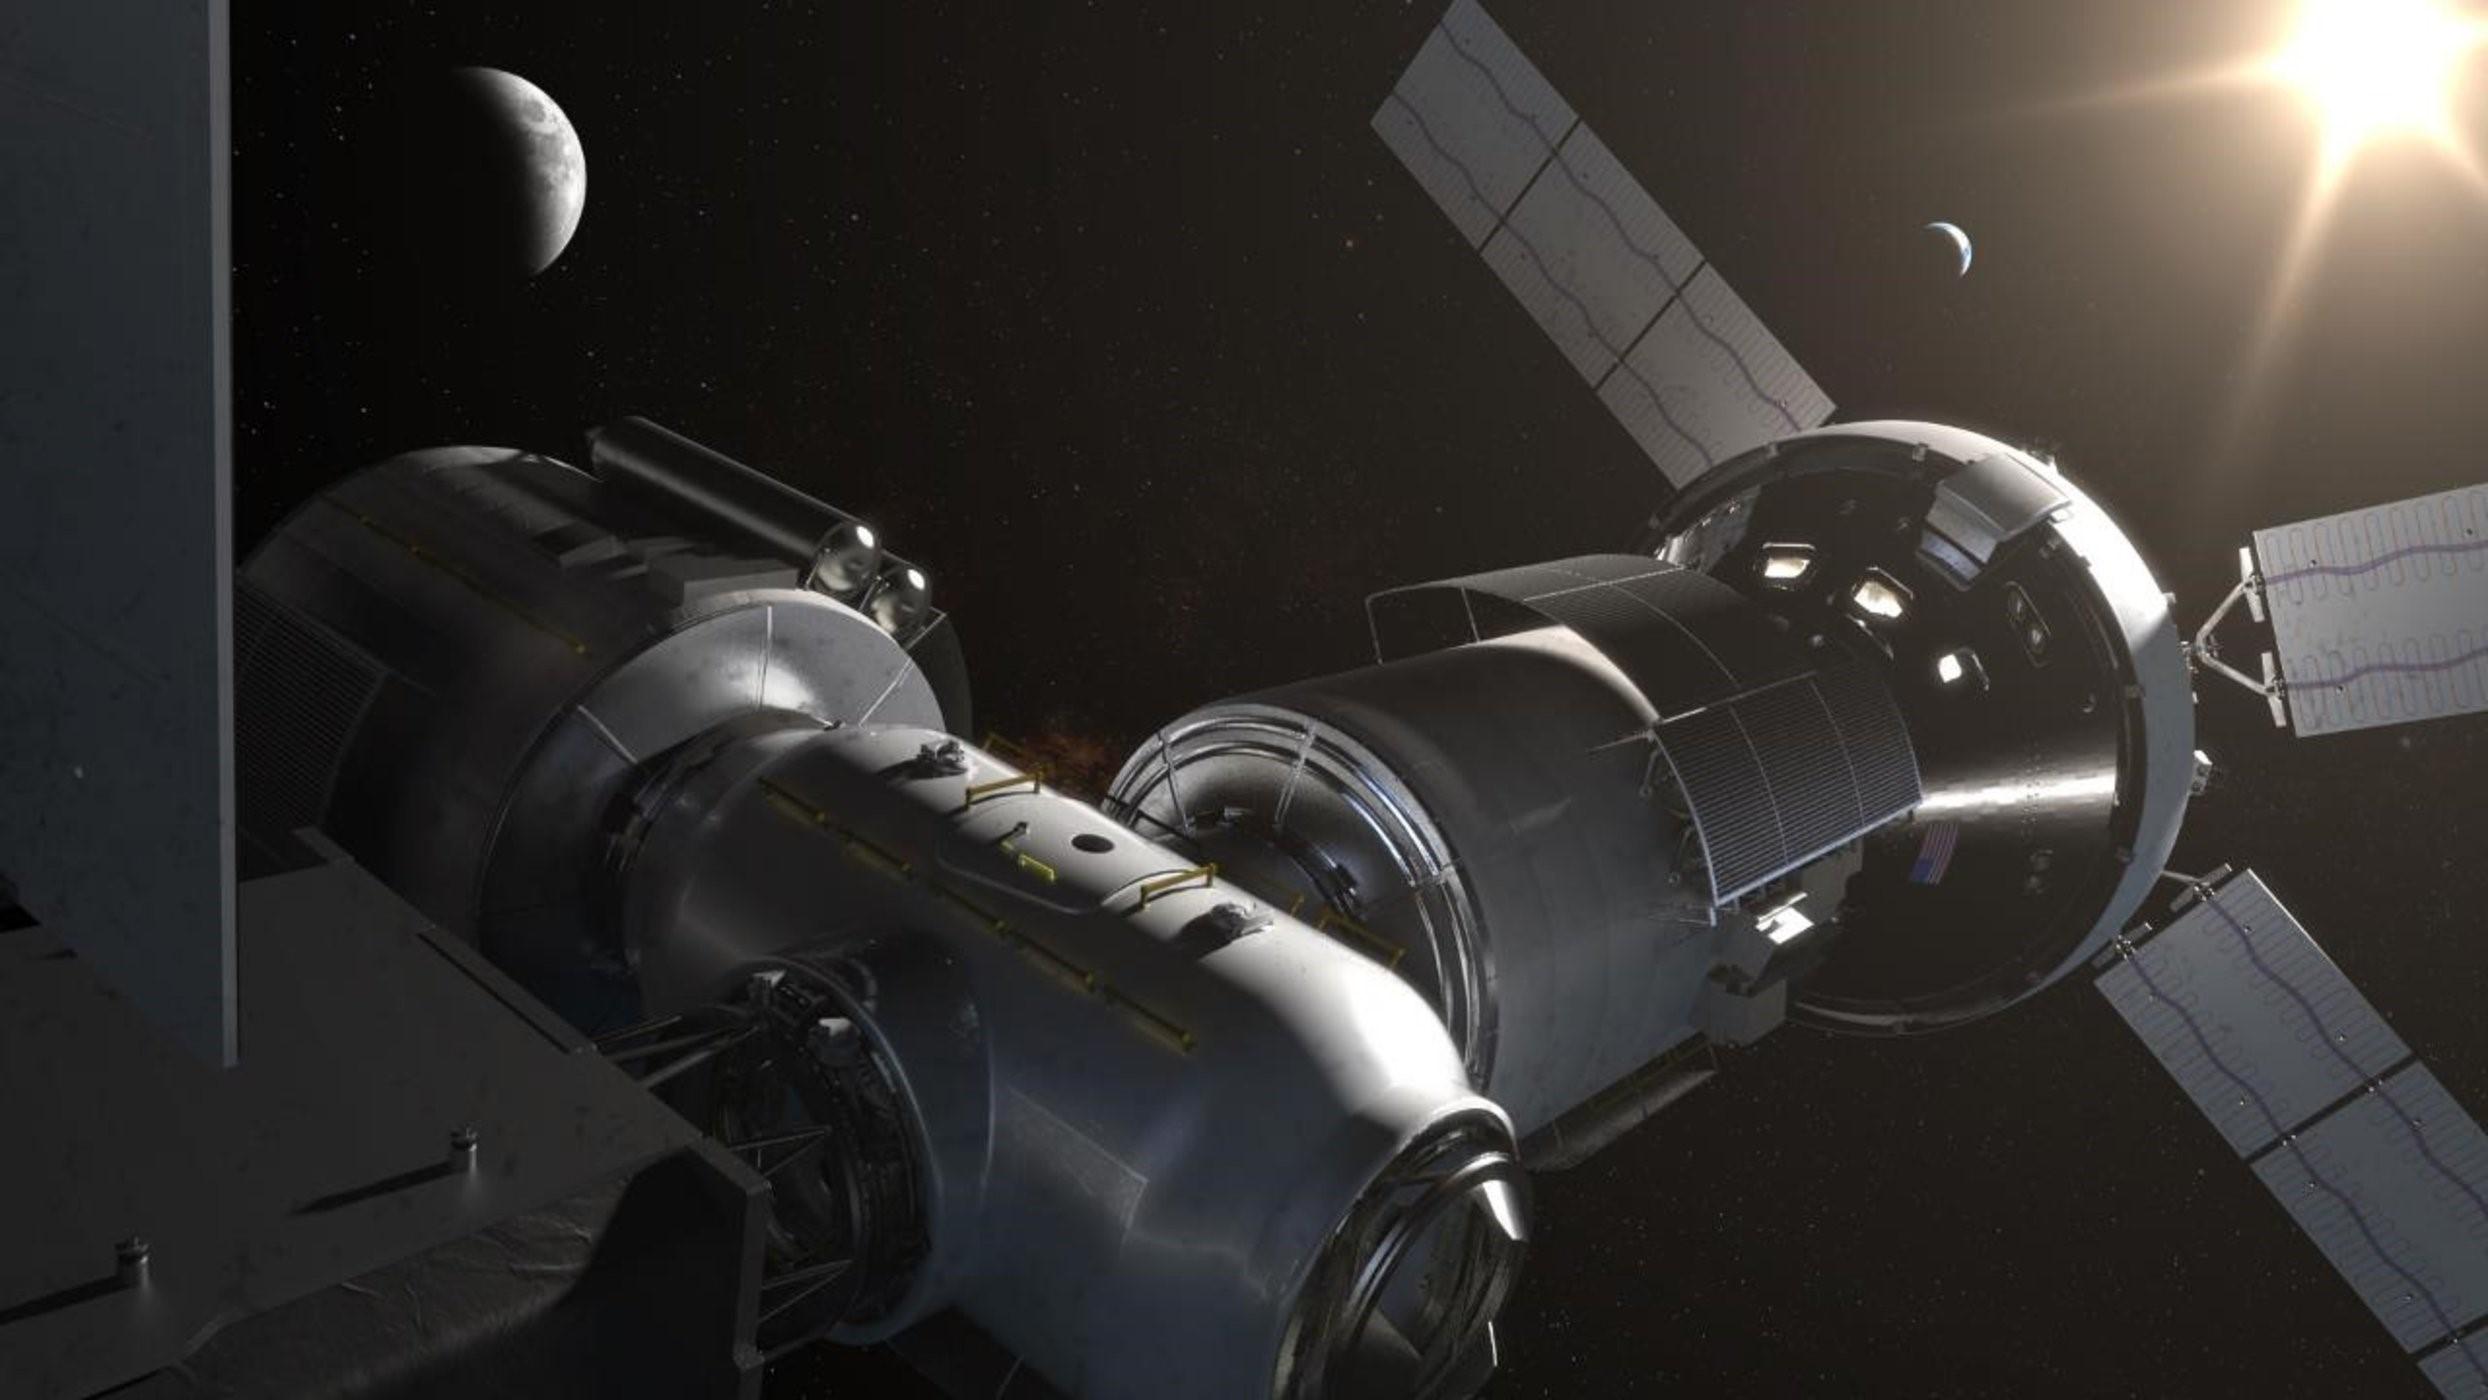 تخطط وكالة ناسا لبناء محطة فضائية تدور حول القمر!